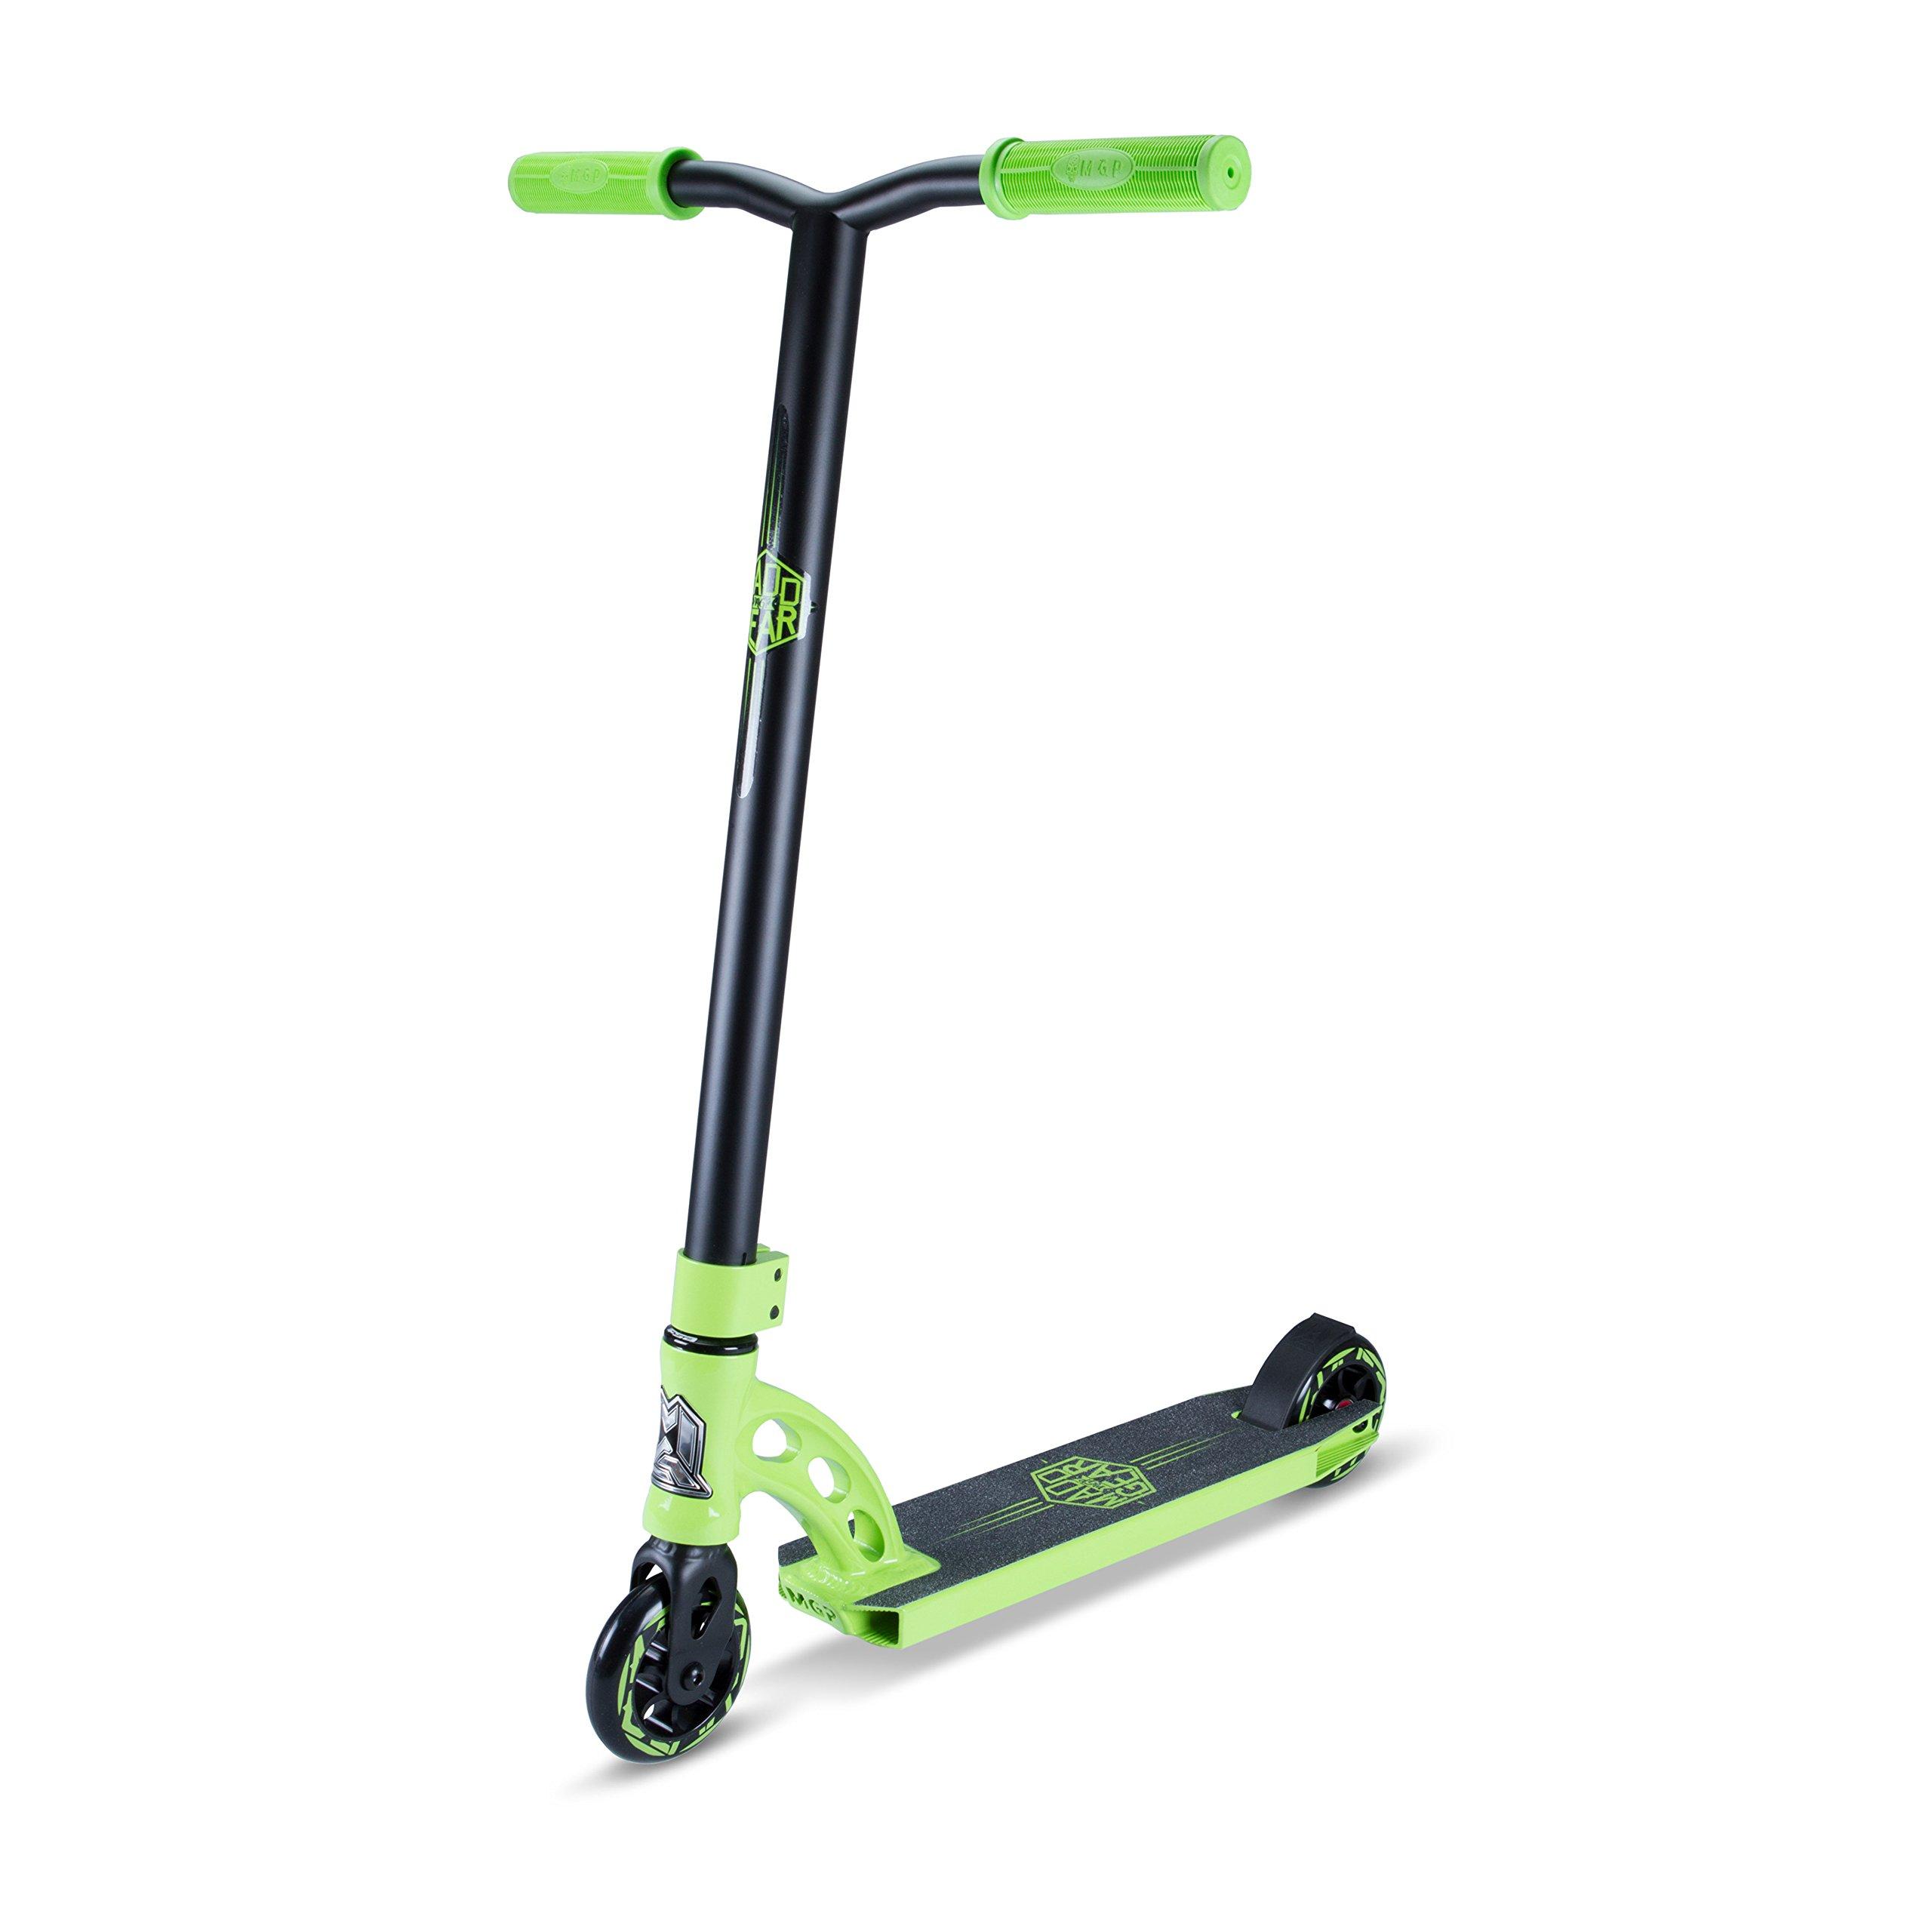 Madd Gear VX7 Mini Pro Scooter, Green by Madd Gear